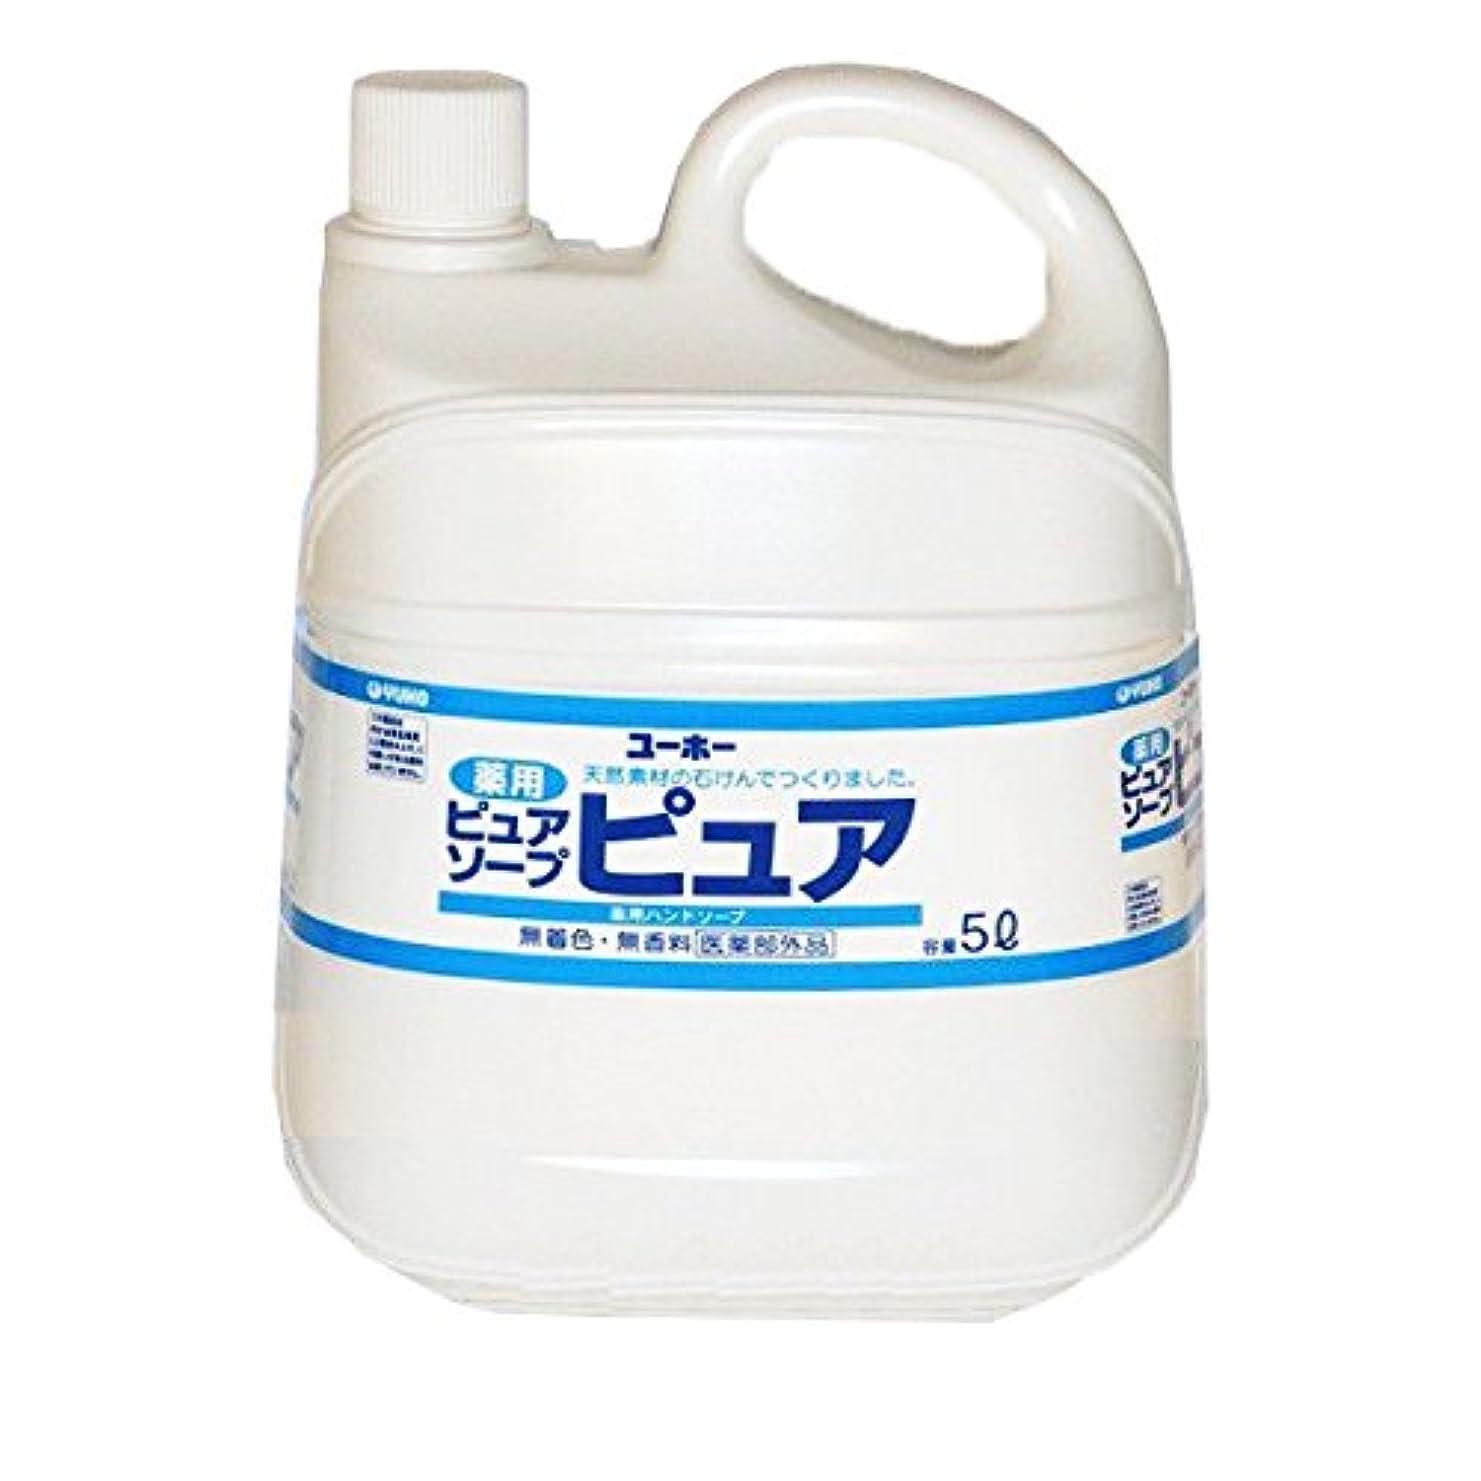 懺悔スペル心配ユーホー薬用ピュアソープピュア 5L /0-6147-02